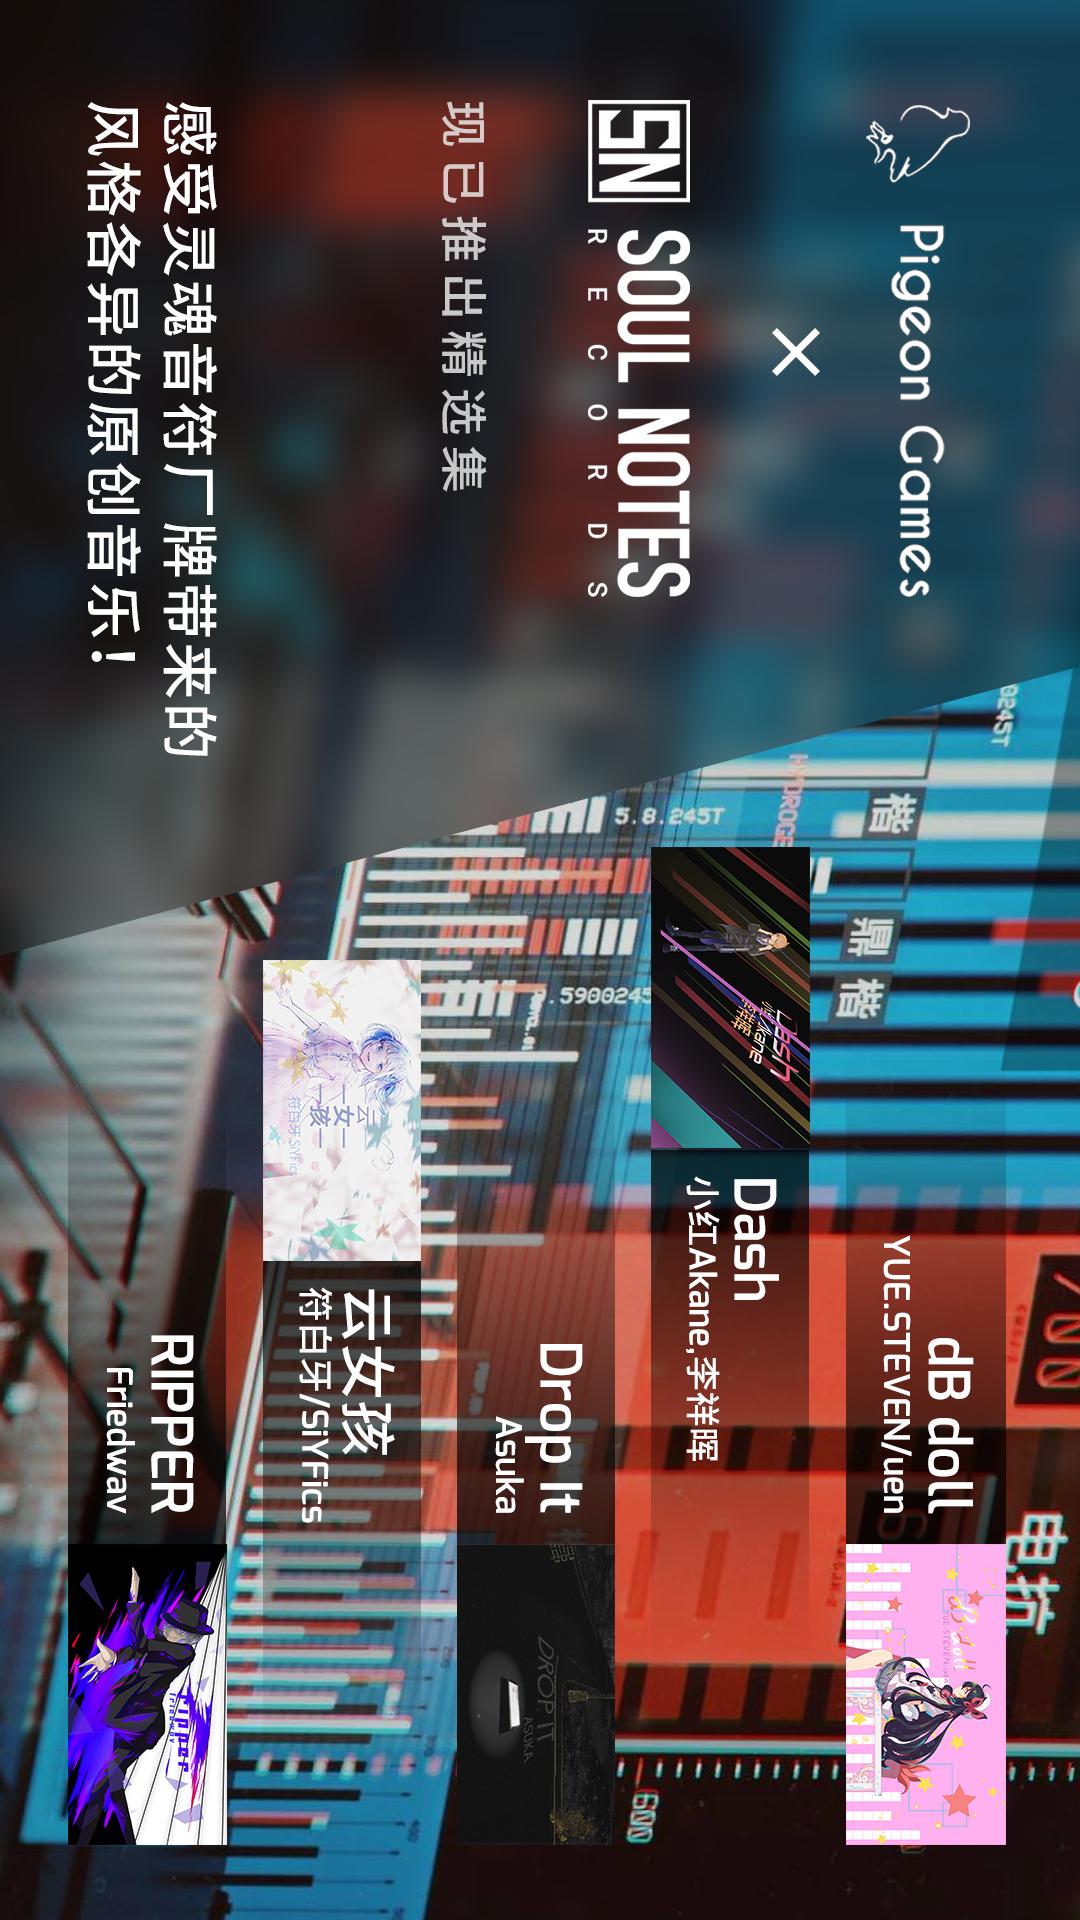 菲格罗斯国际服(新增歌曲)游戏截图